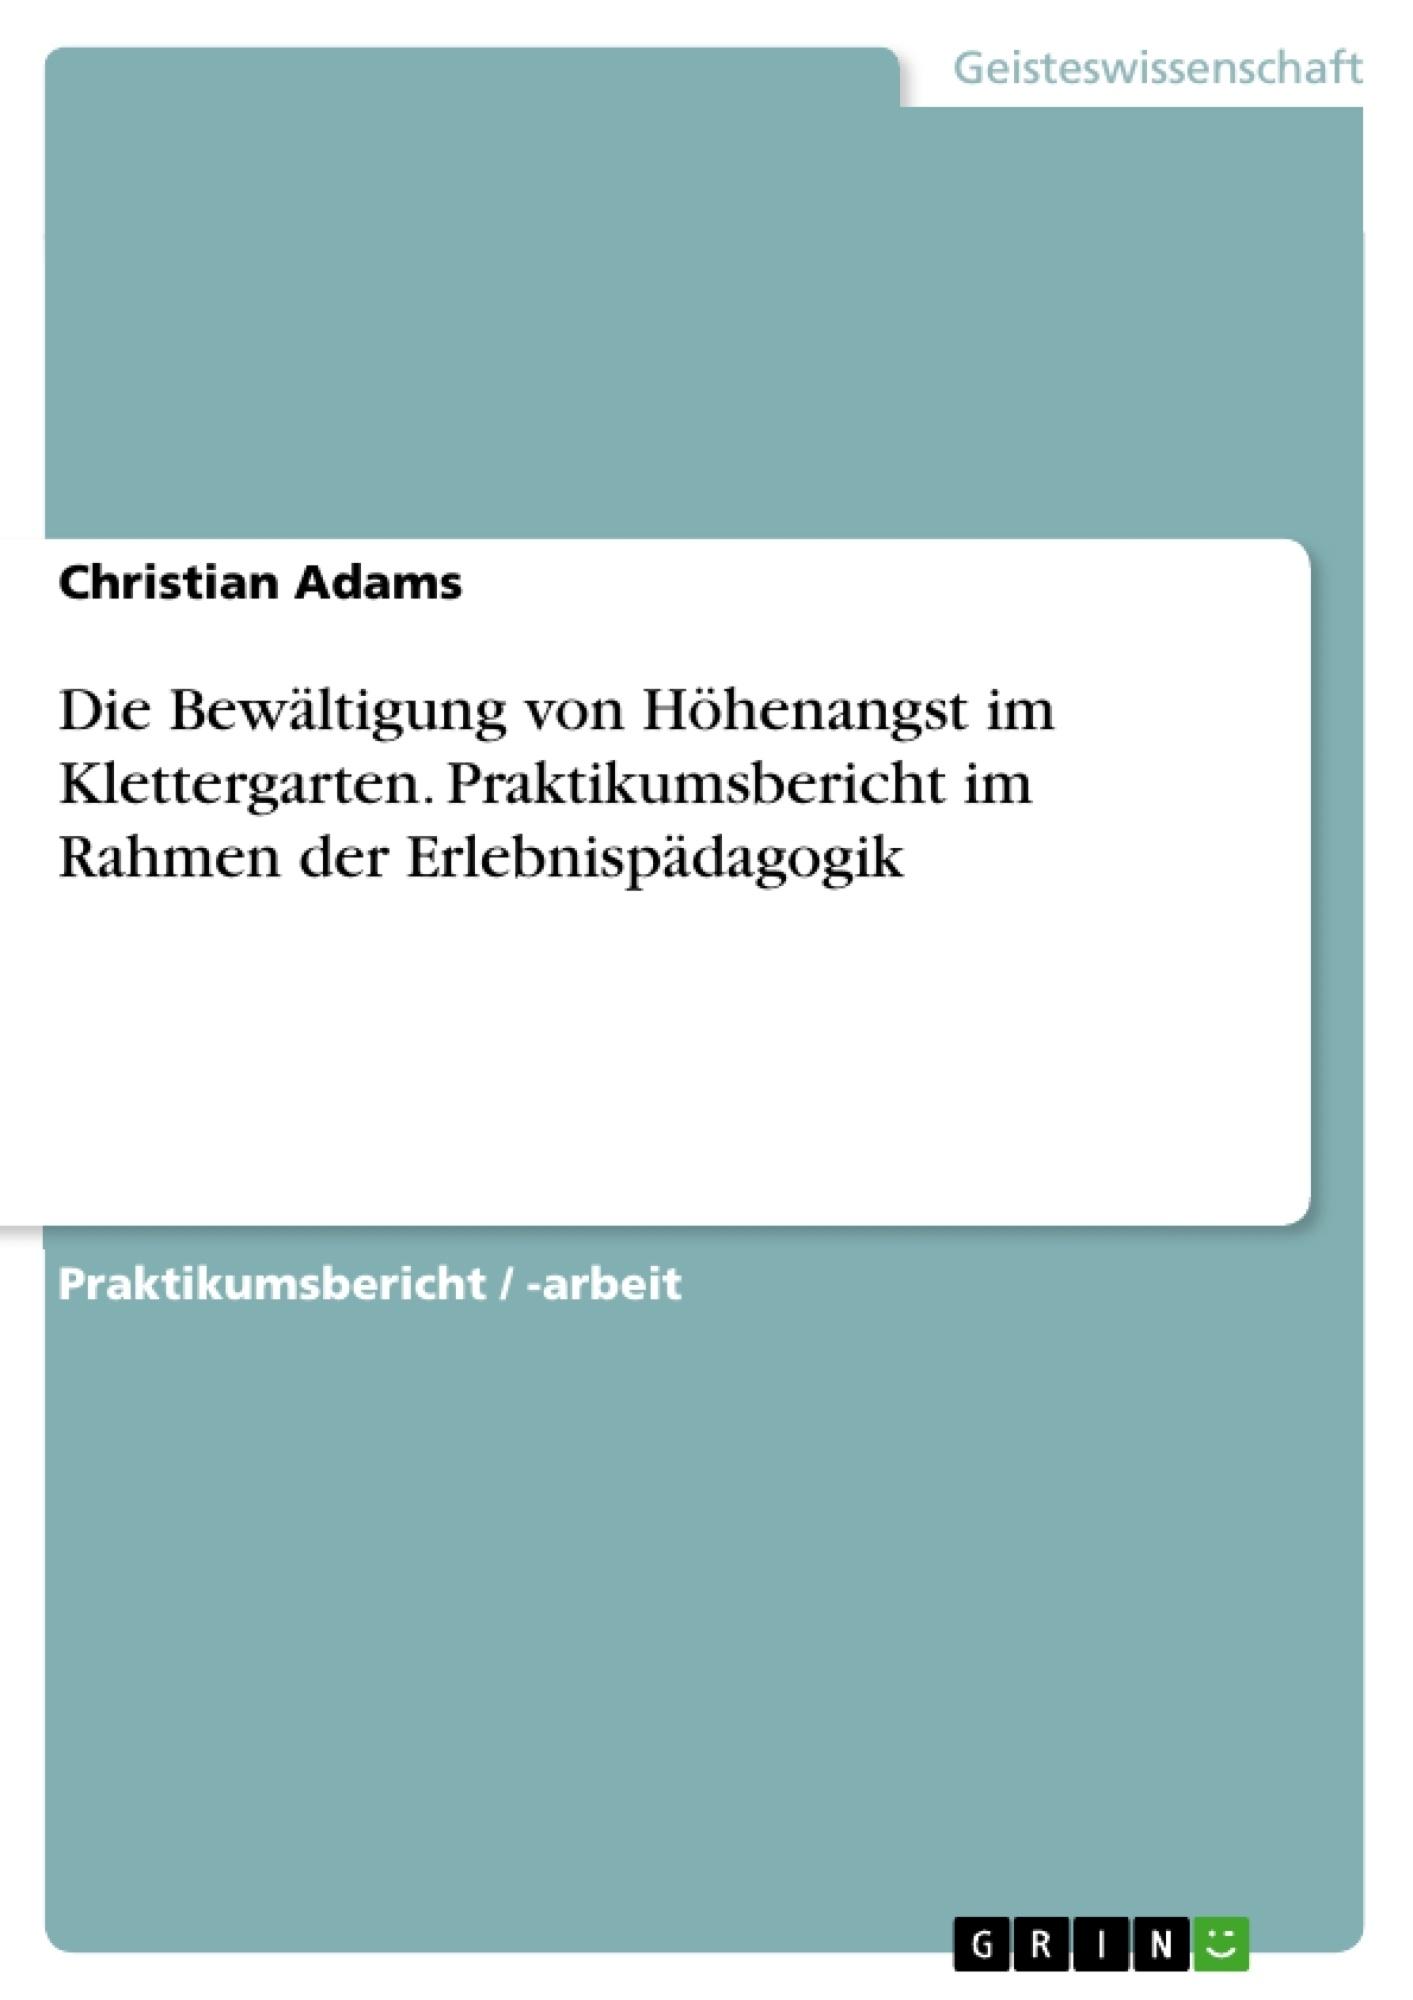 Titel: Die Bewältigung von Höhenangst im Klettergarten. Praktikumsbericht im Rahmen der Erlebnispädagogik